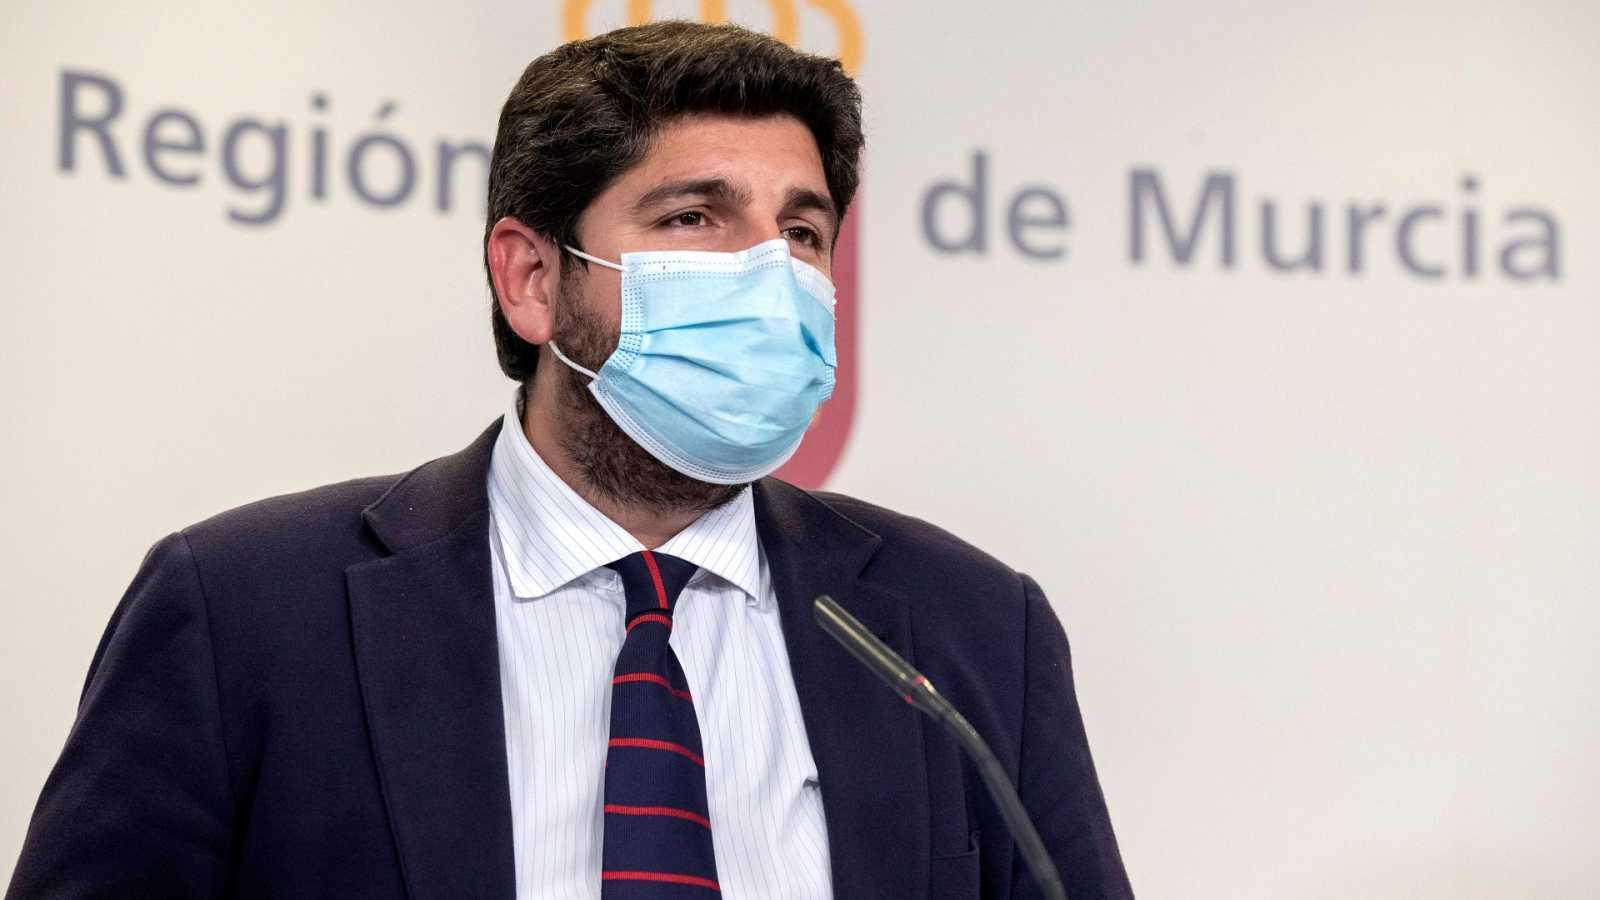 Ciudadanos rompe su pacto con el PP en Murcia y presenta una moción de censura junto al PSOE